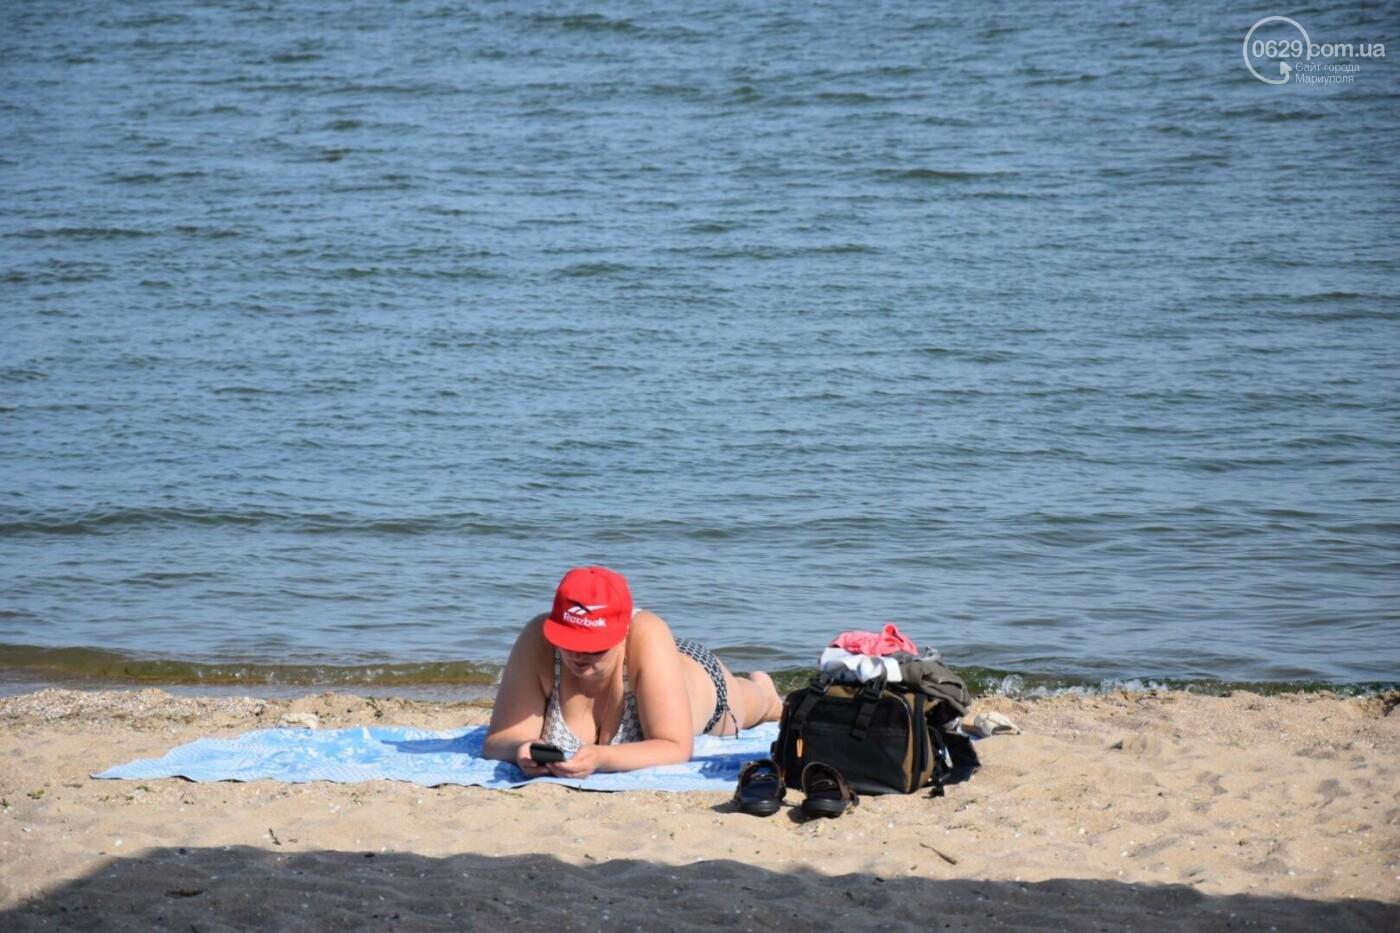 В Мариуполе открылся пляжный сезон, - ФОТОРЕПОРТАЖ, фото-21